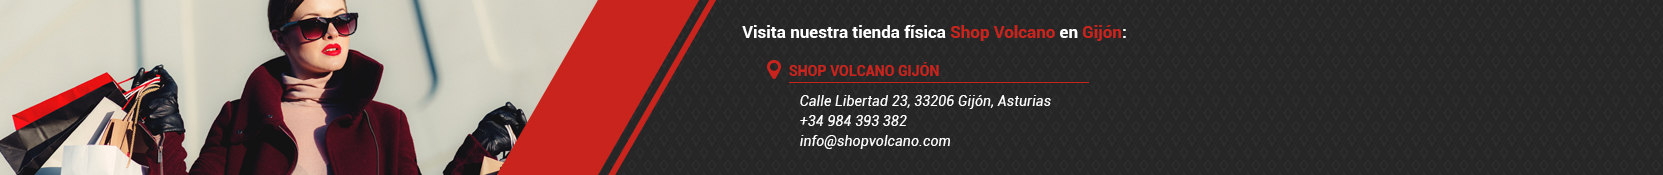 Visita nuestra tienda física Shop Volcano en: Calle libertad, 23, 33206 Gijón